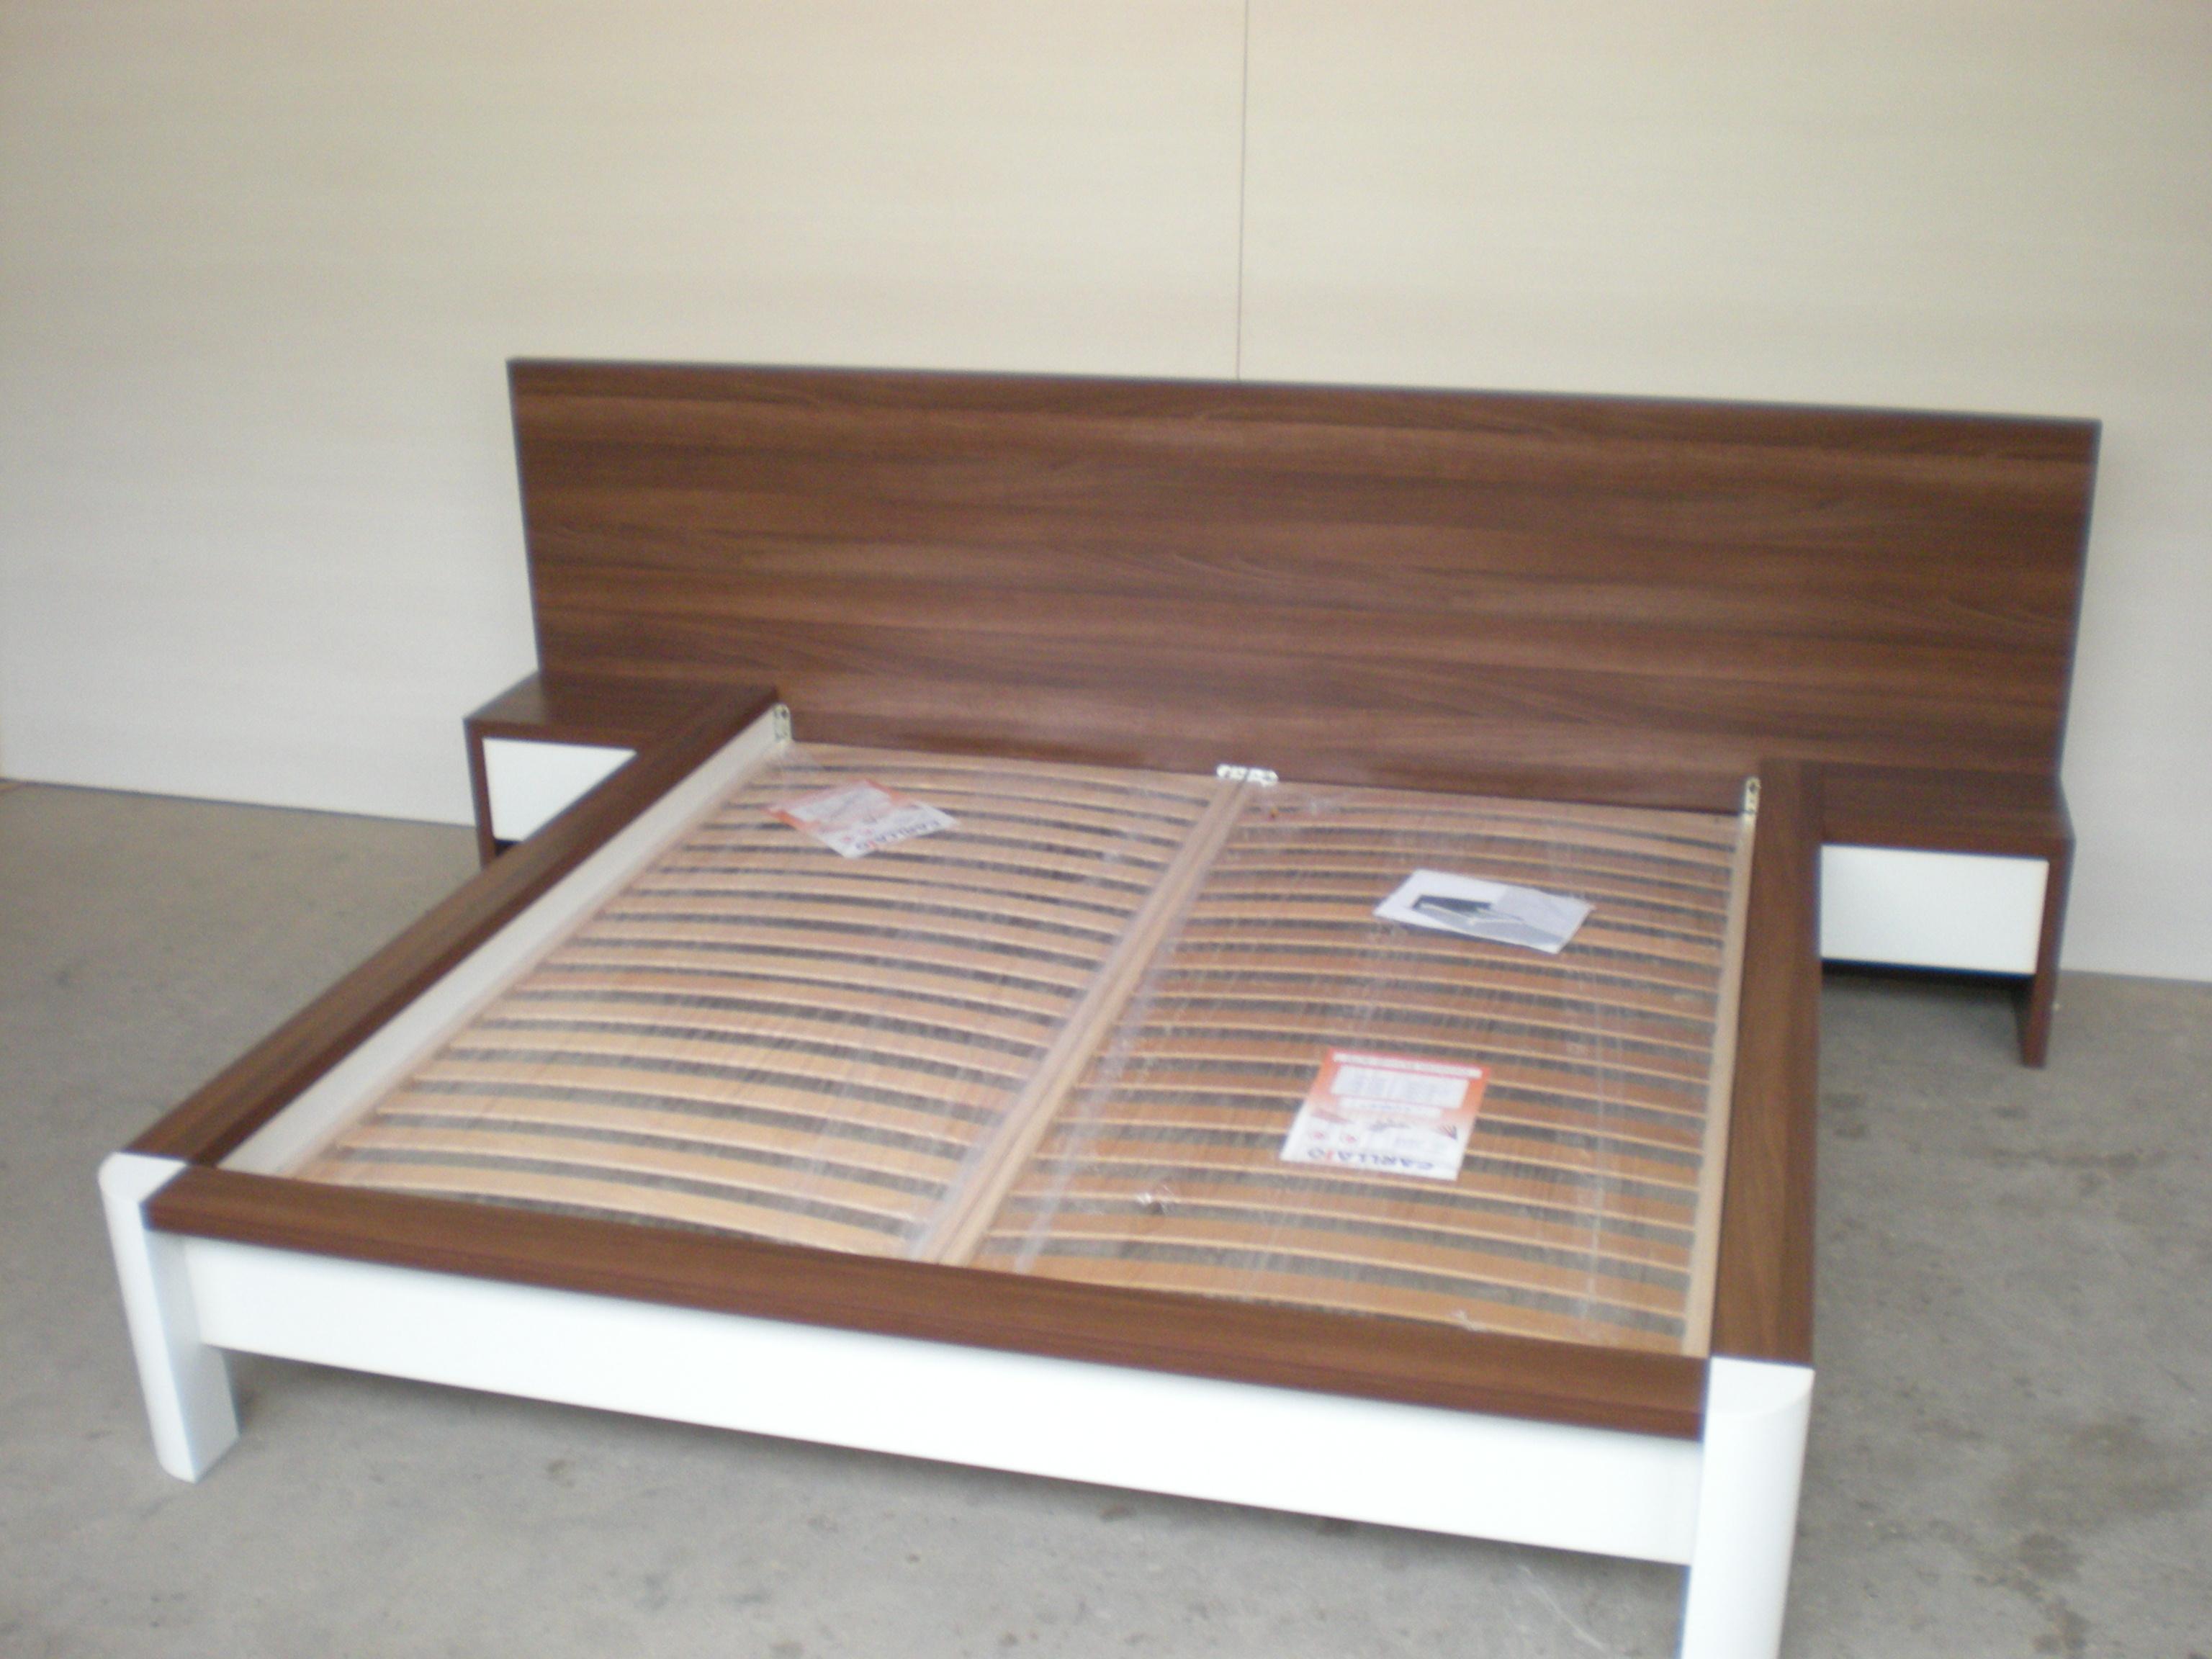 Arredamento camera da letto contemporaneo 20 0 20 0 for Arredamento contemporaneo prezzi